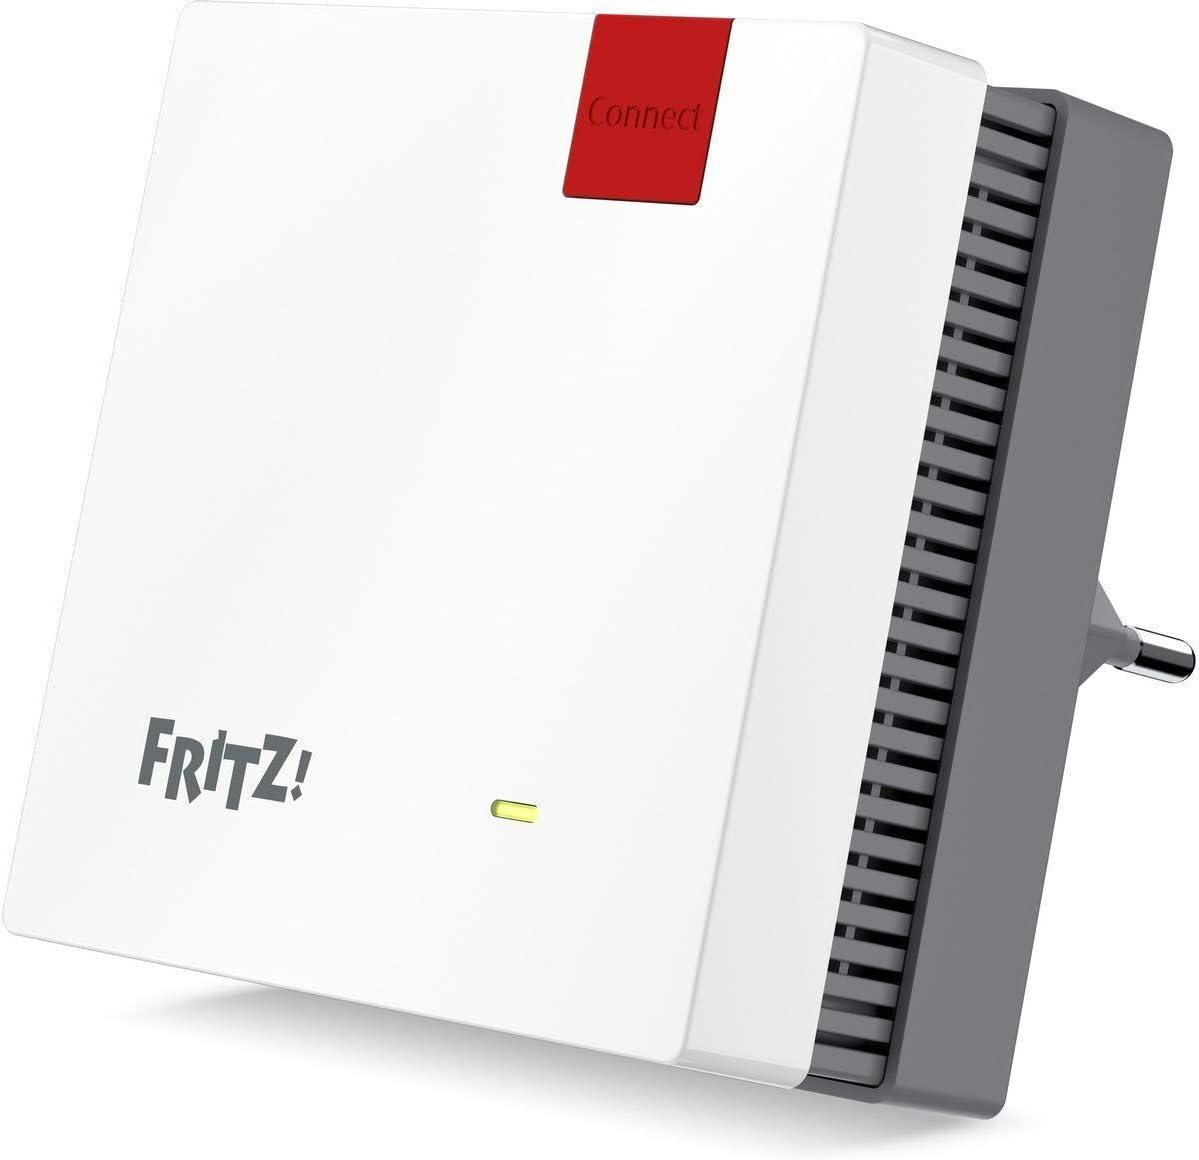 Avm Fritz Wlan Mesh Repeater 1200 Bis Zu 866 Mbit Computer Zubehör